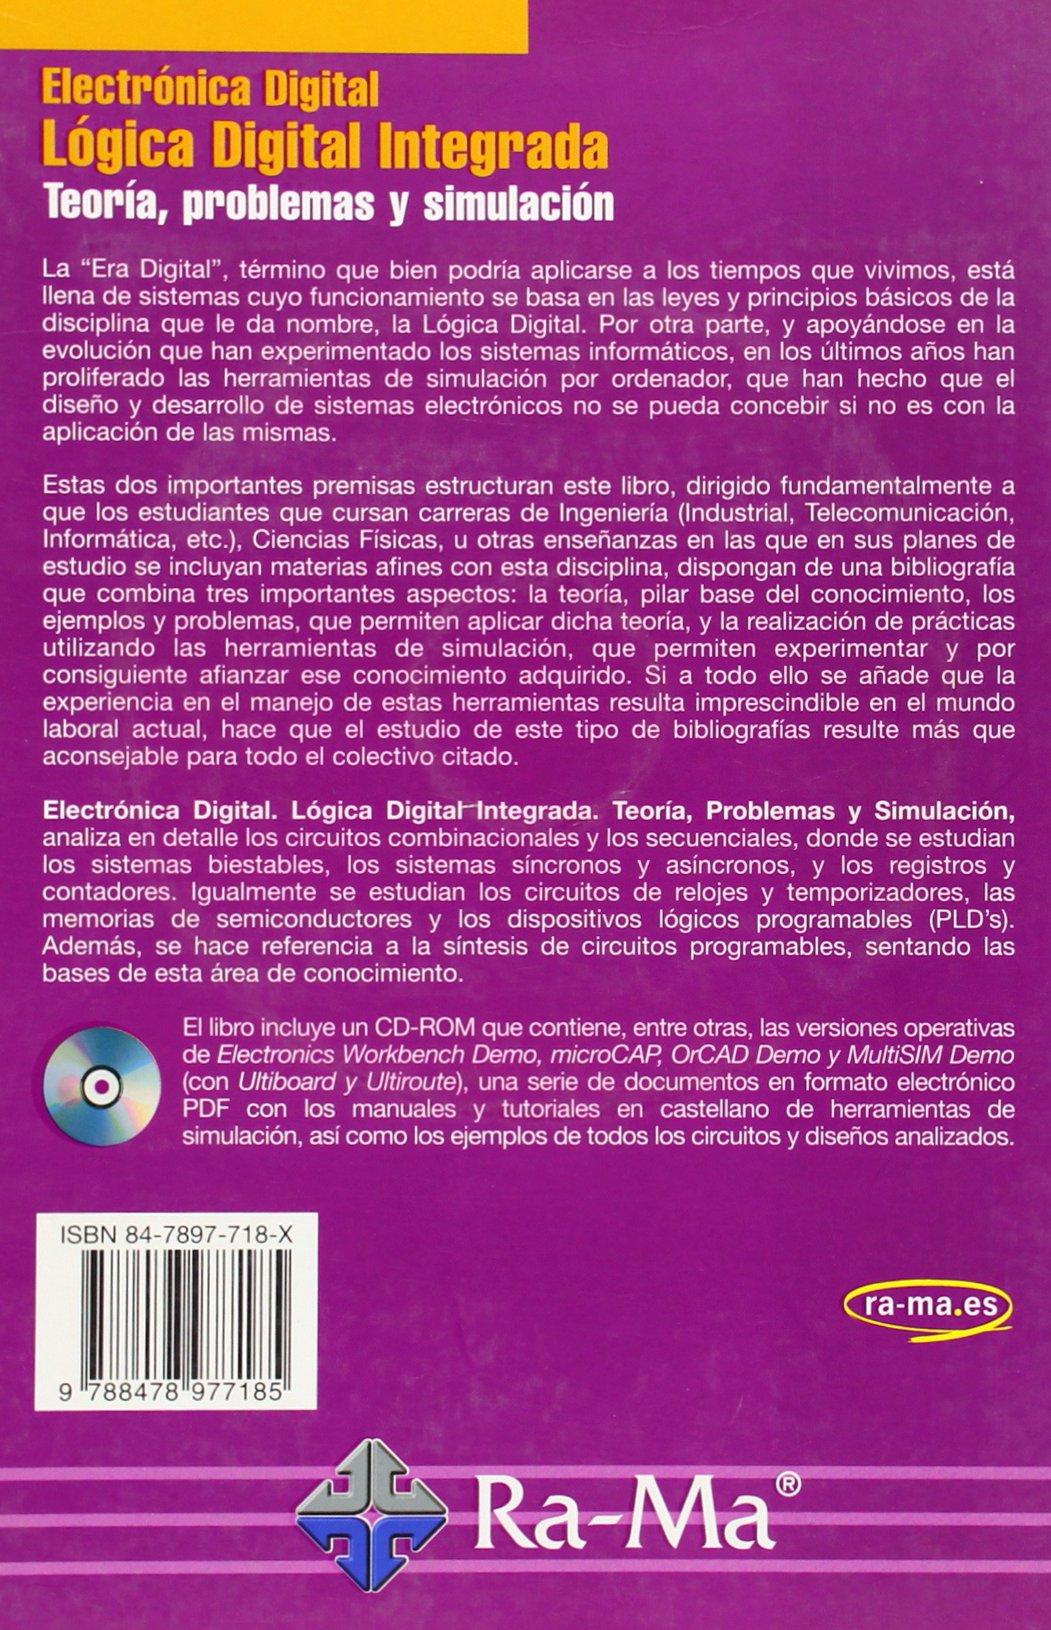 Electrónica Digital: Lógica Digital Integrada. Teoría, problemas y simulación.: Amazon.es: Santiago Emilio . . . [et al. ] Acha Alegre, ANTONIO GARCIA TOME: ...